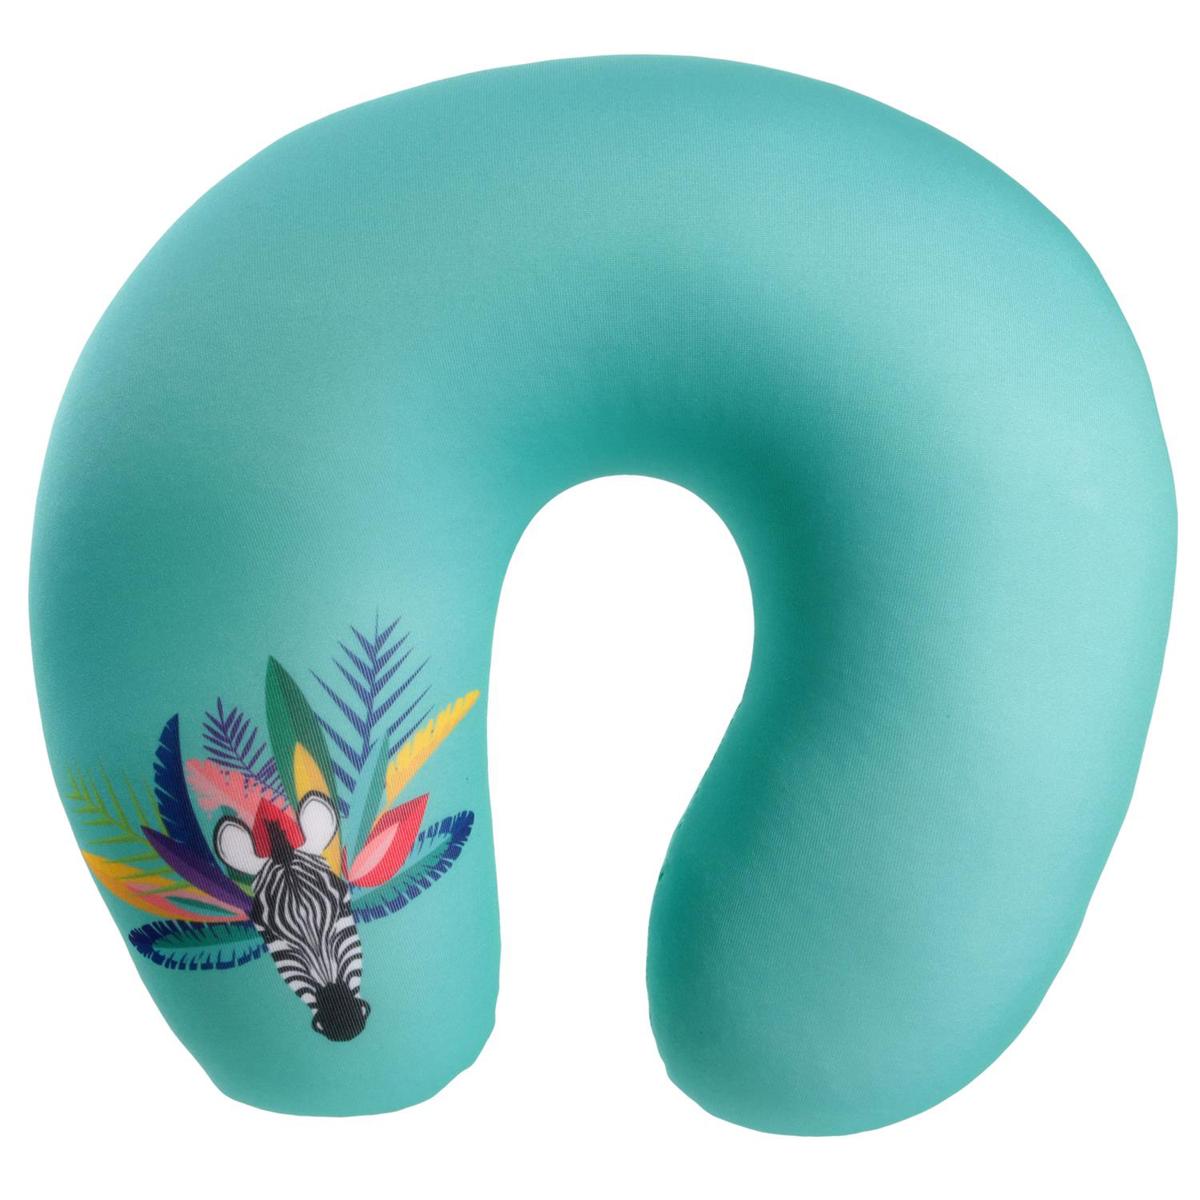 Coussin de nuque / oreiller de voyage \'Tropical\' turquoise (zèbre) - 27x25x10 cm - [Q7716]